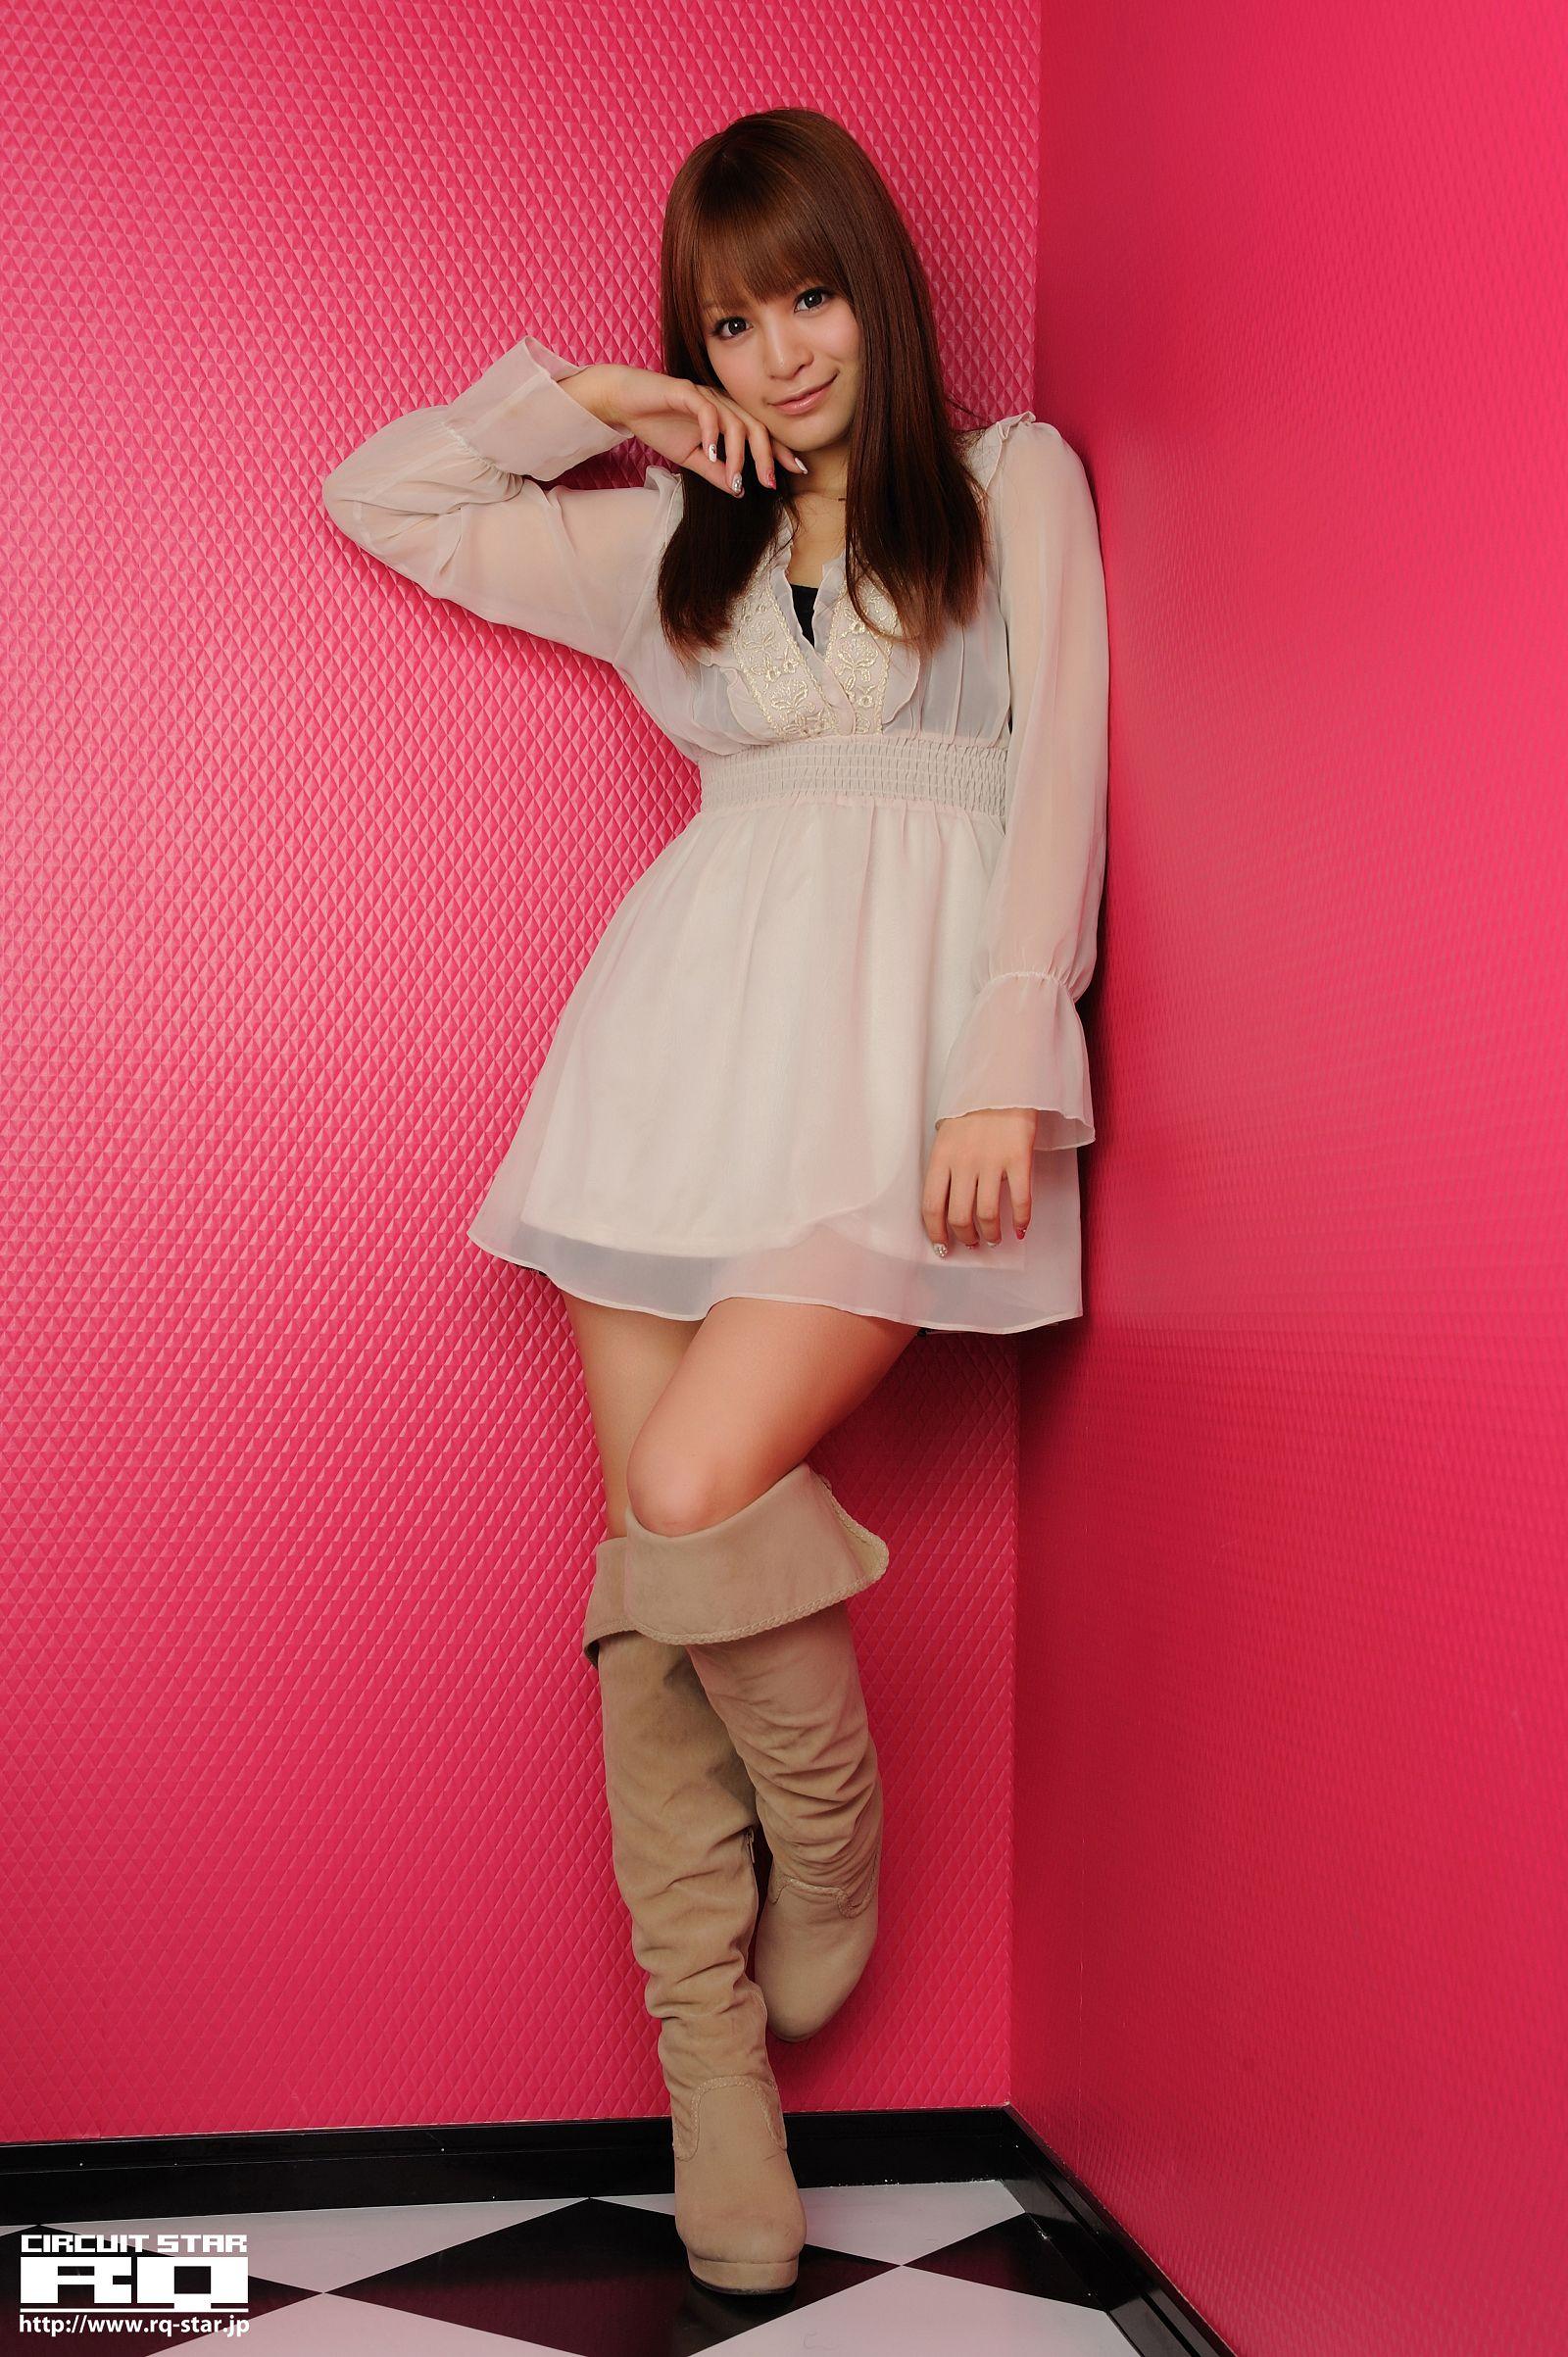 [RQ STAR美女] NO.00579 Megumi Haruna 春菜めぐみ Private Dress[70P] RQ STAR 第1张